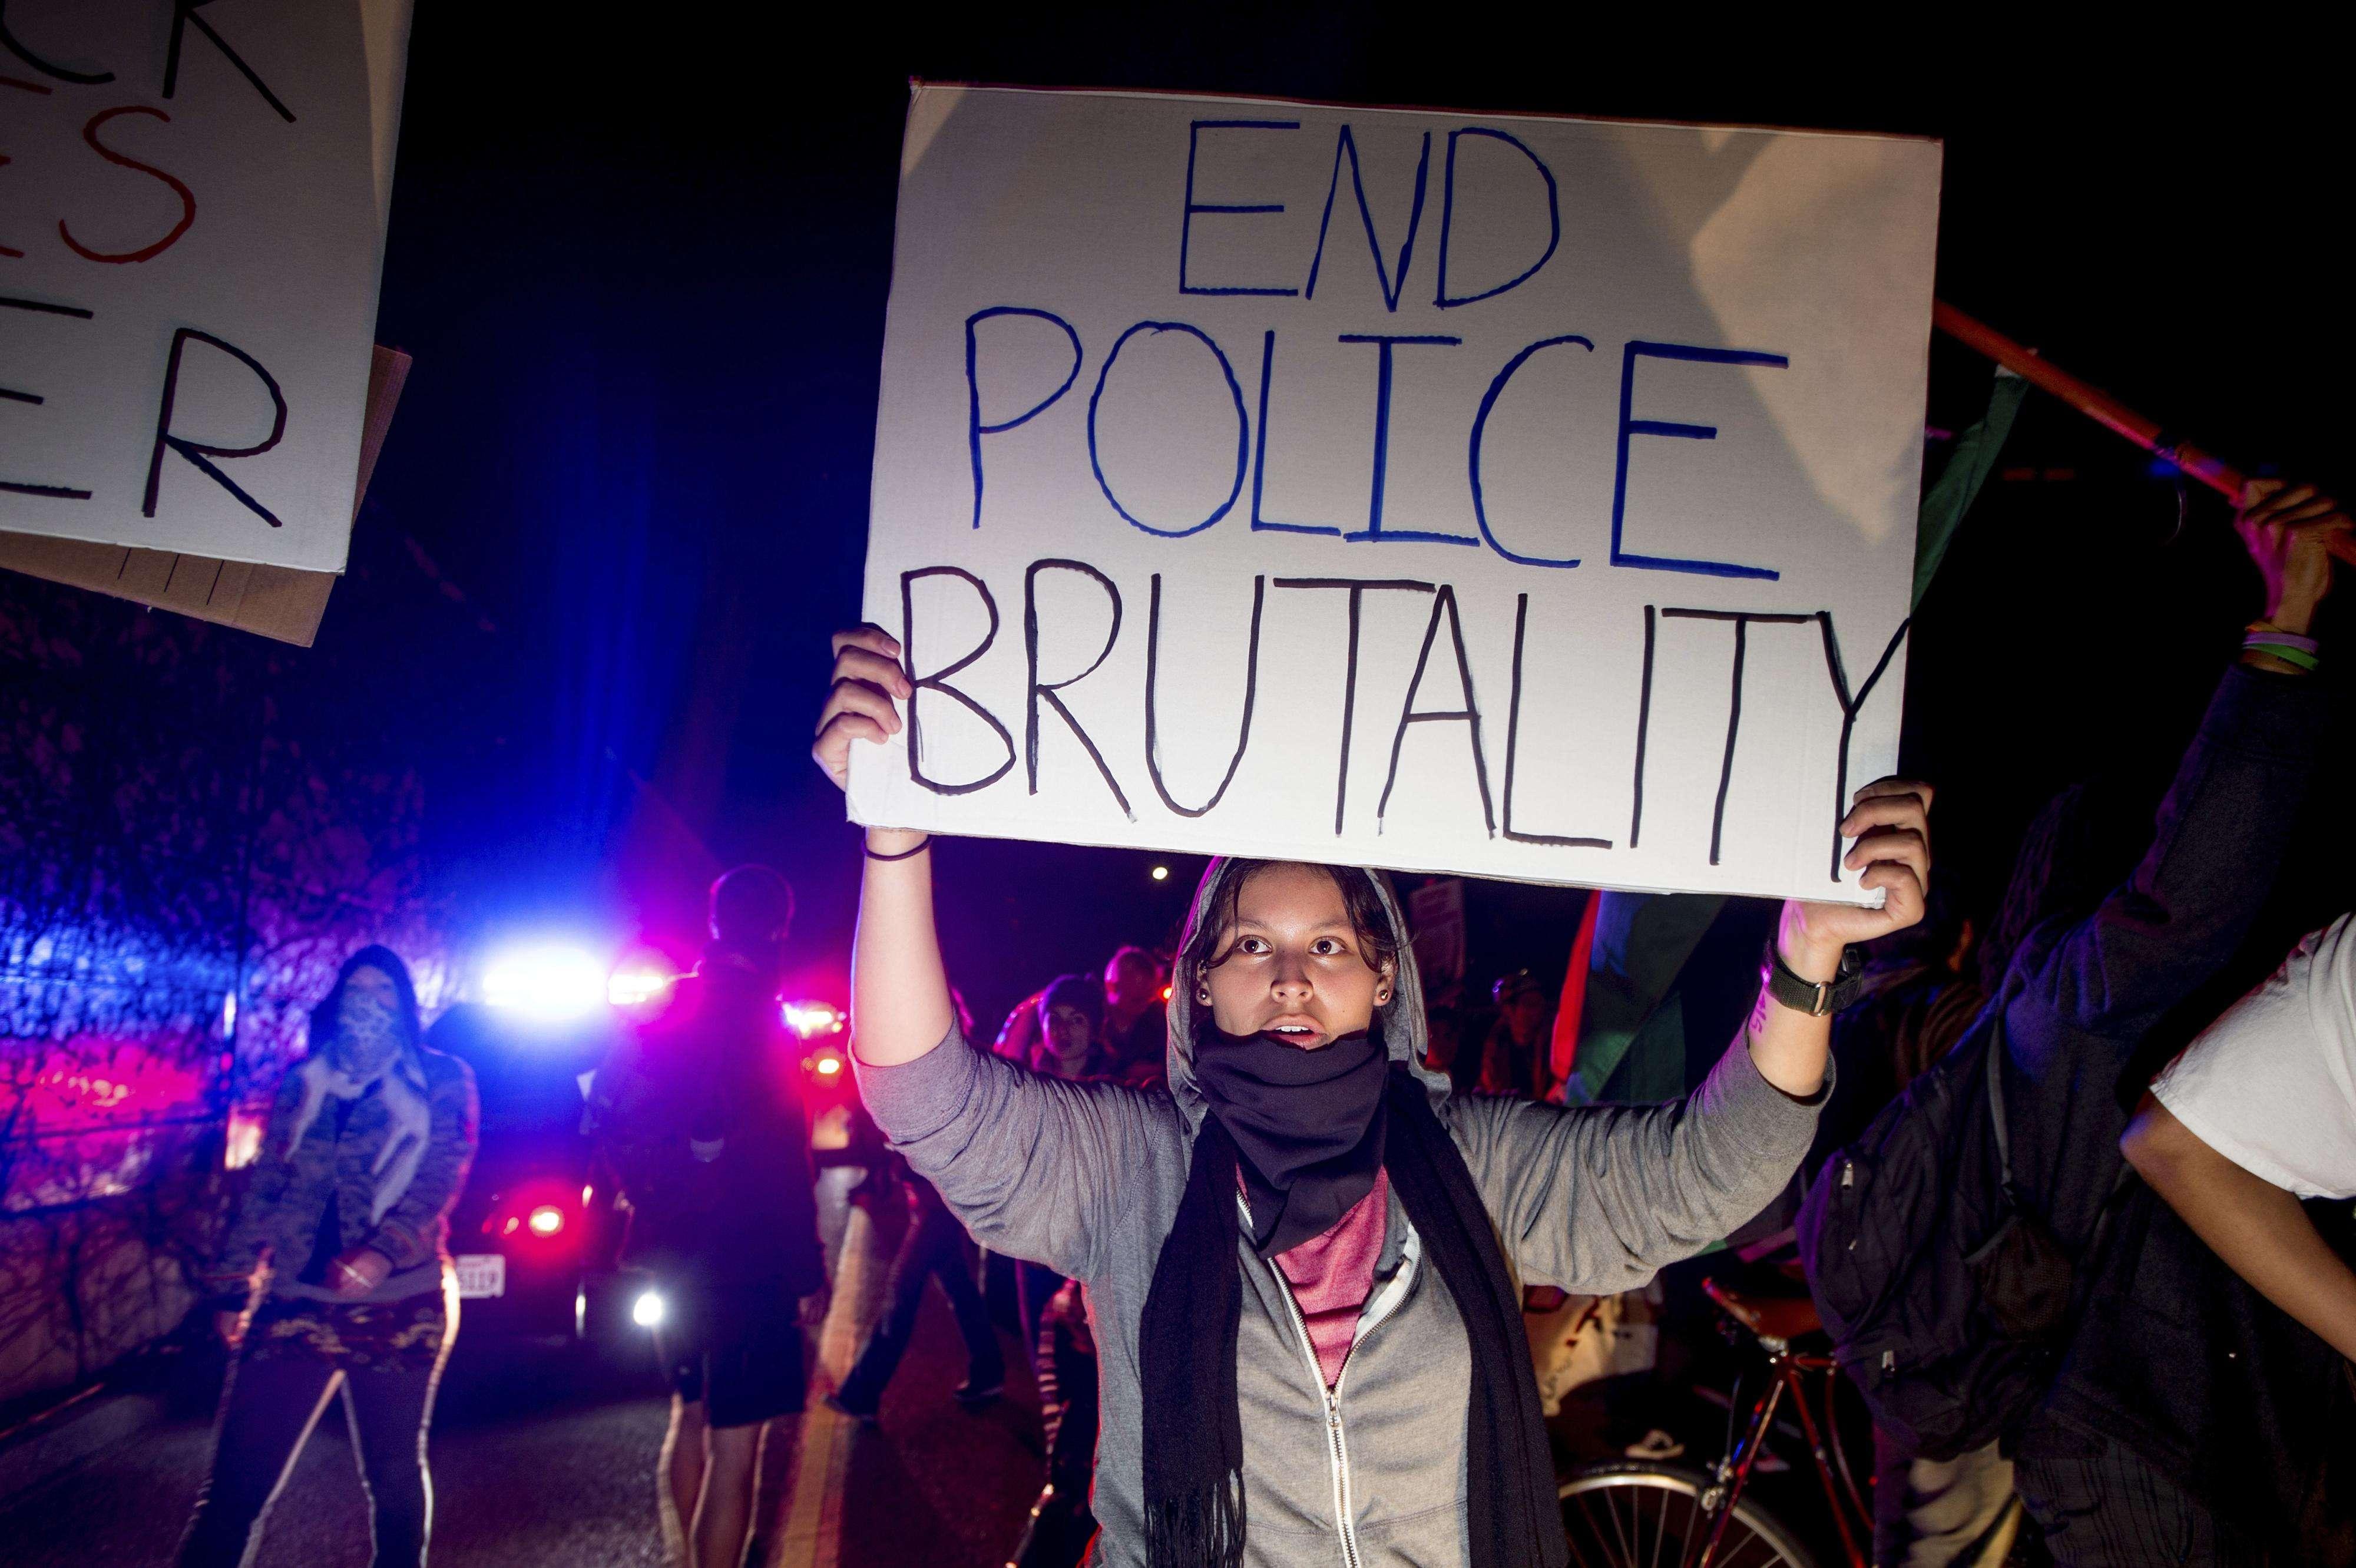 Protestas contra el abuso policial en Oakland, California, este lunes 24 de noviembre del 2014. Foto: AP en español